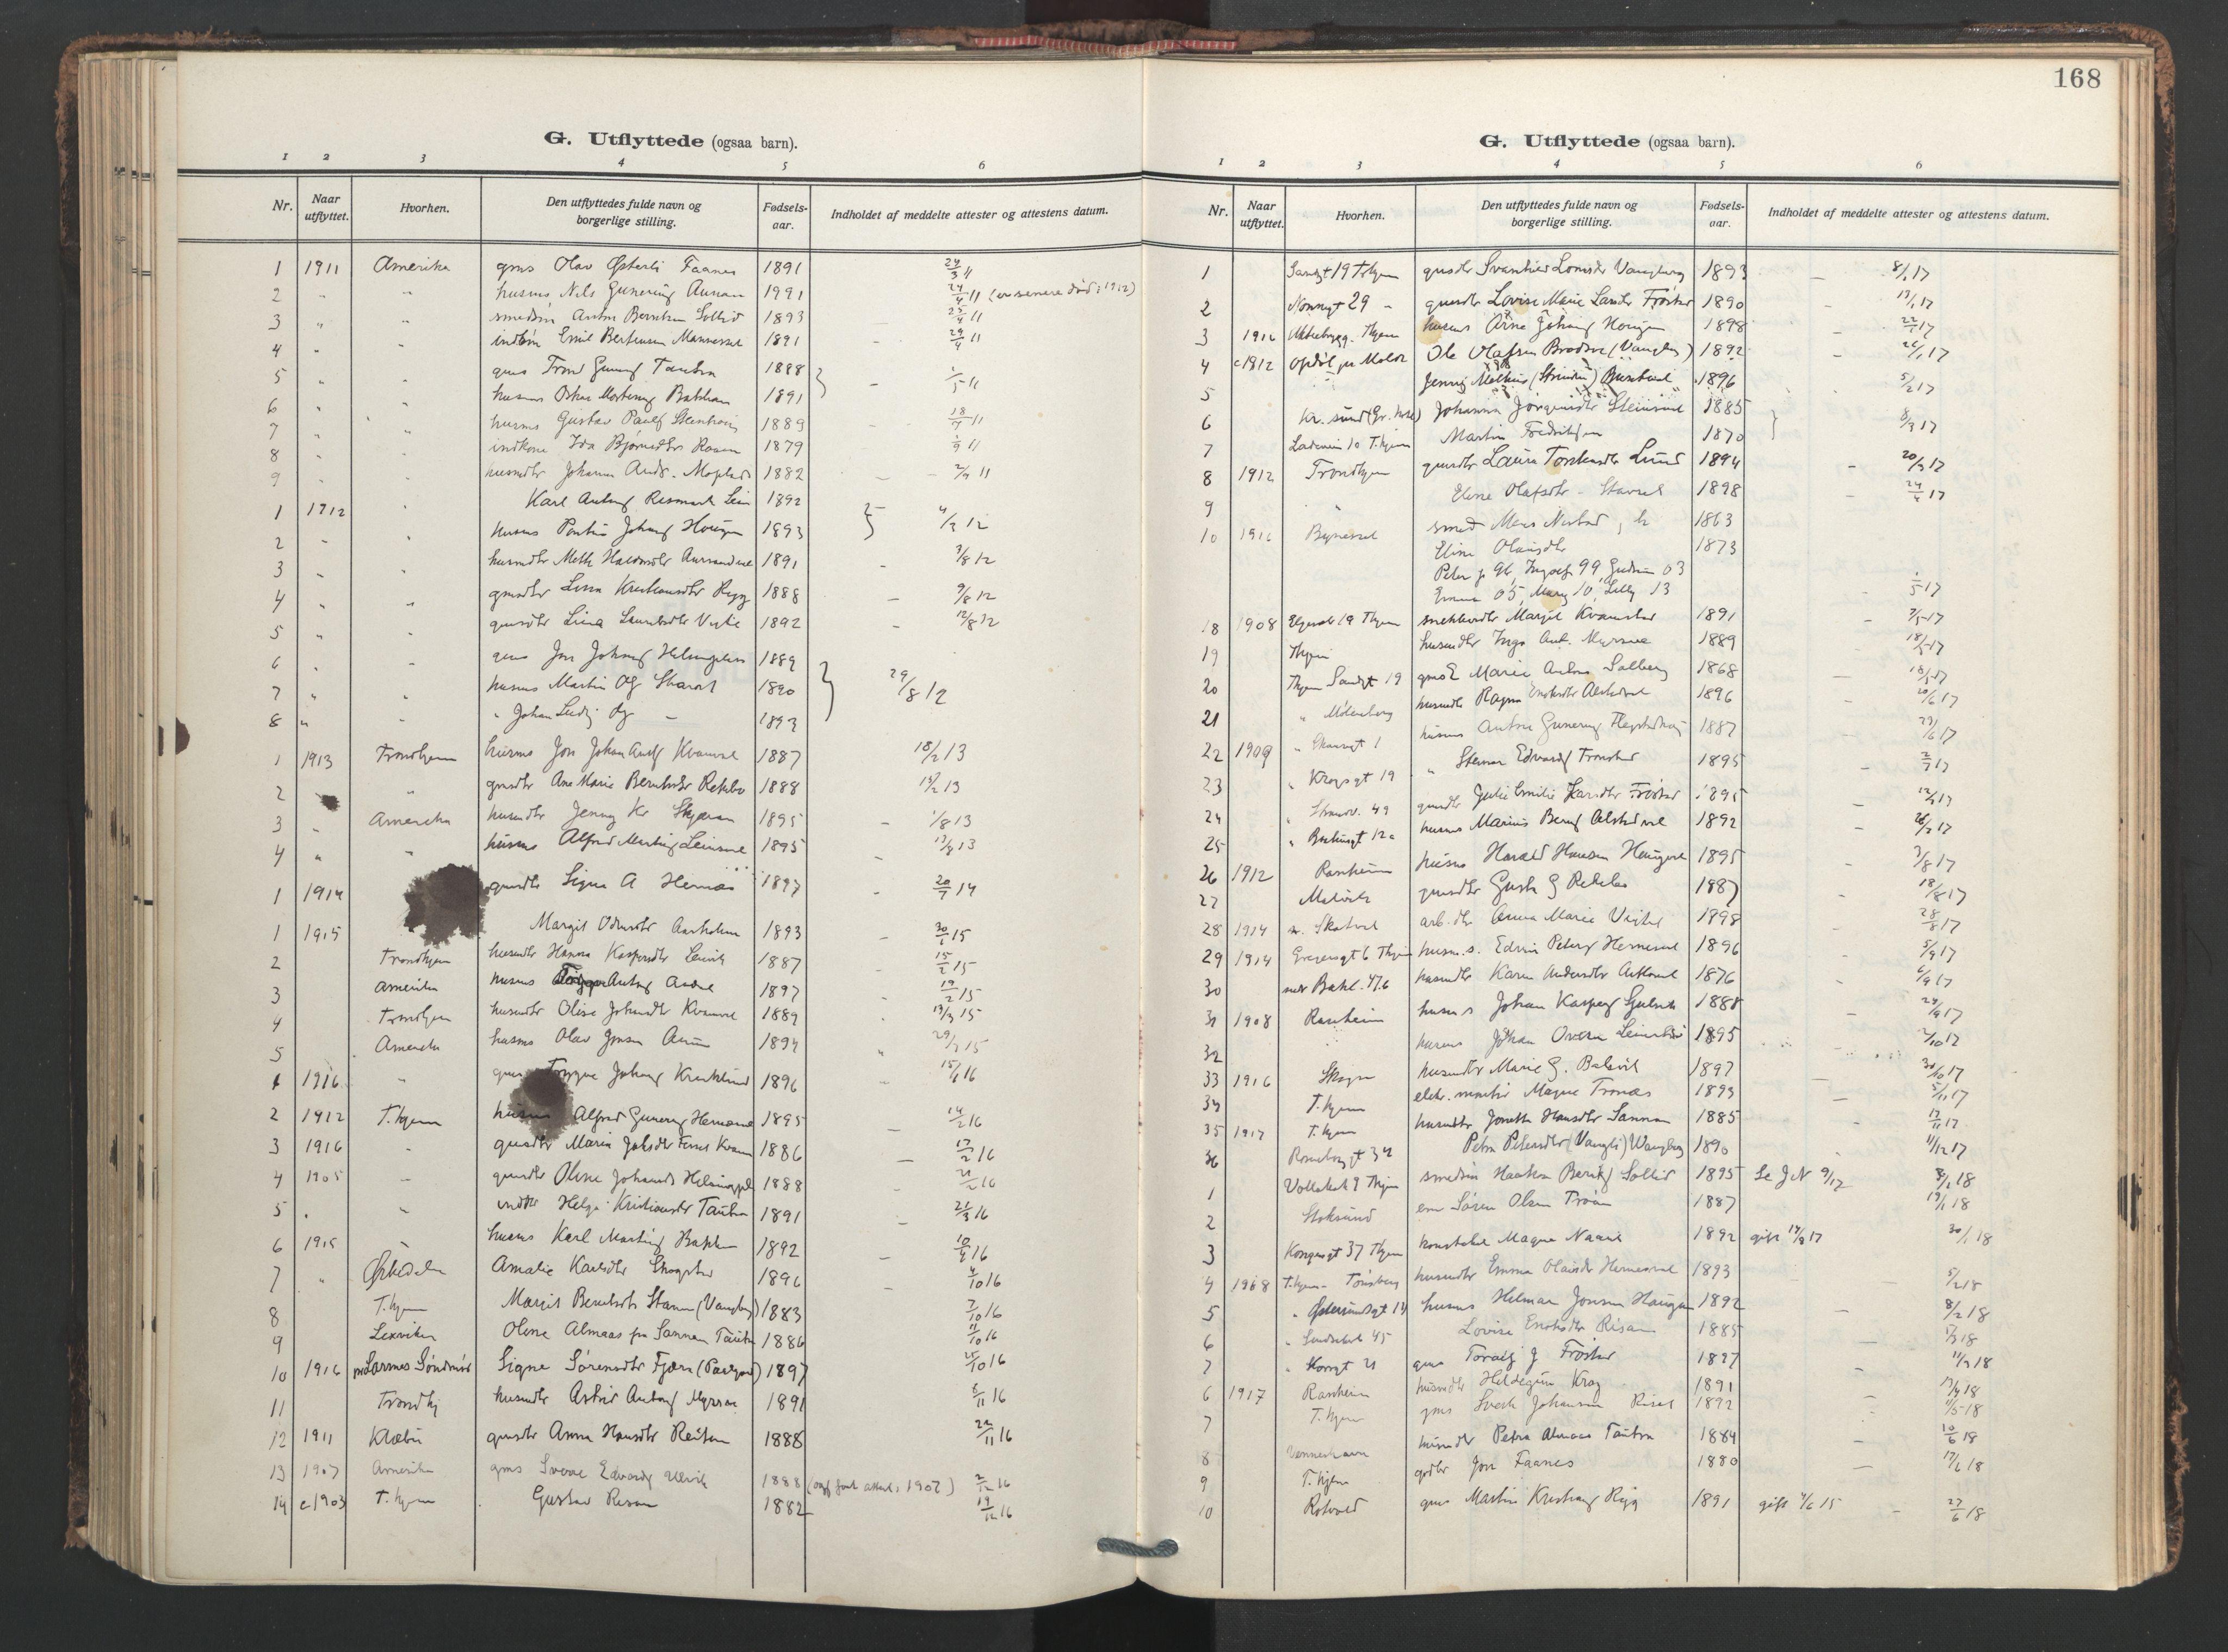 SAT, Ministerialprotokoller, klokkerbøker og fødselsregistre - Nord-Trøndelag, 713/L0123: Ministerialbok nr. 713A12, 1911-1925, s. 168